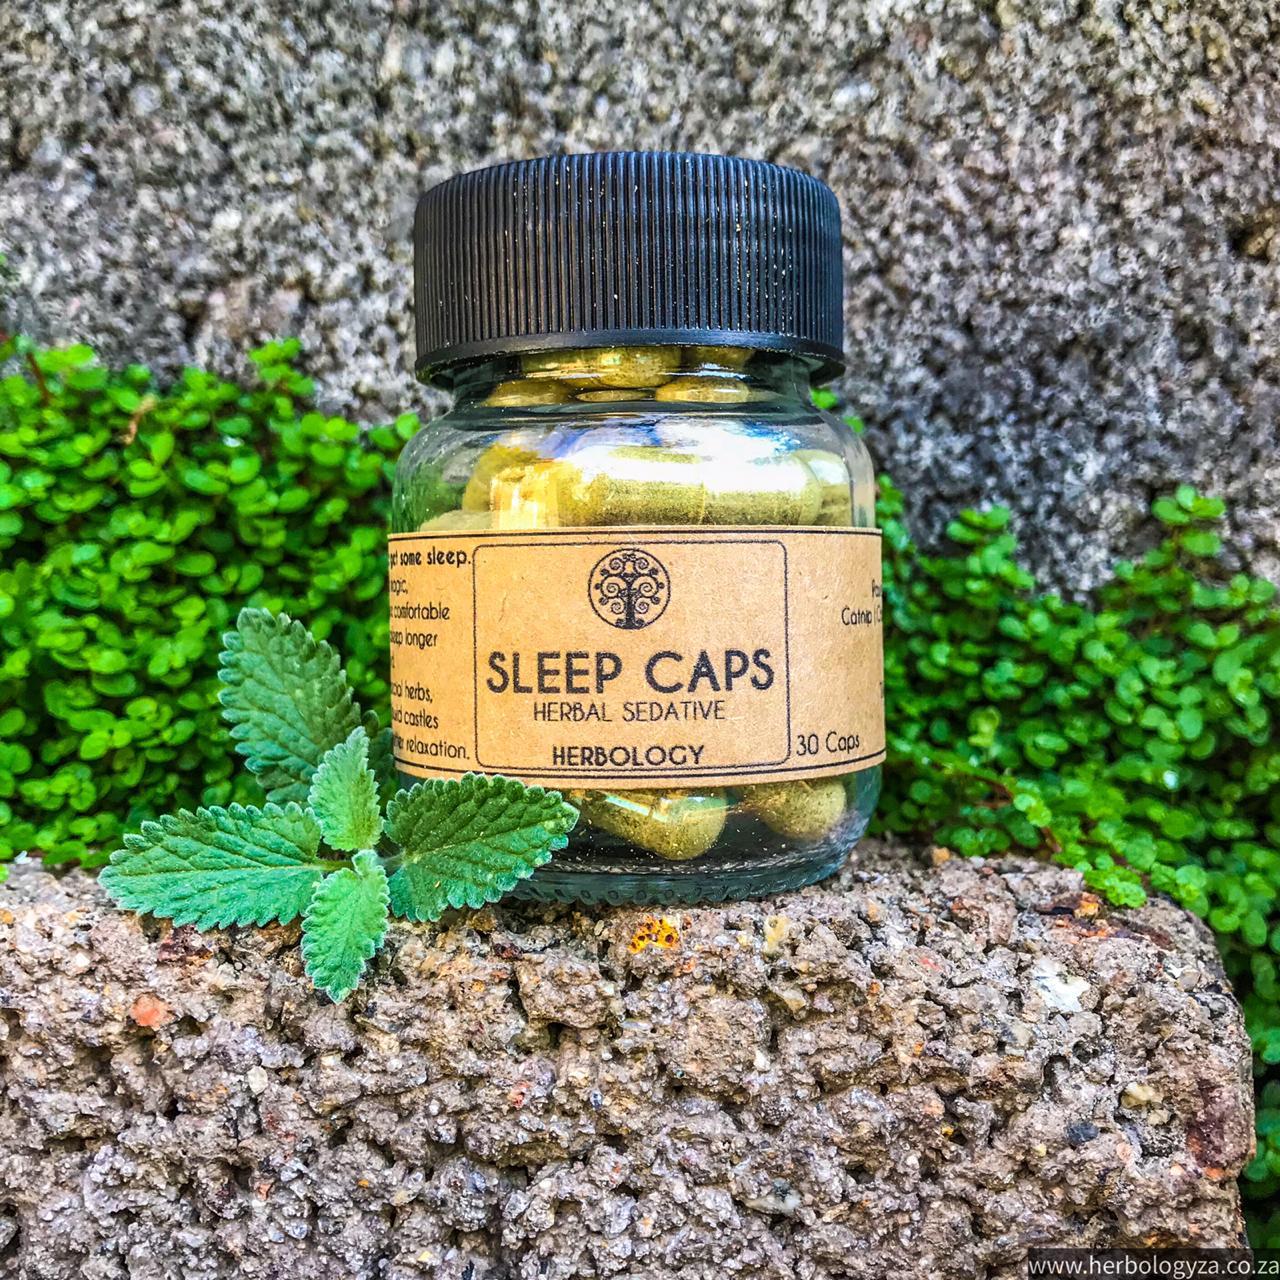 Herbology SLEEP CAPS